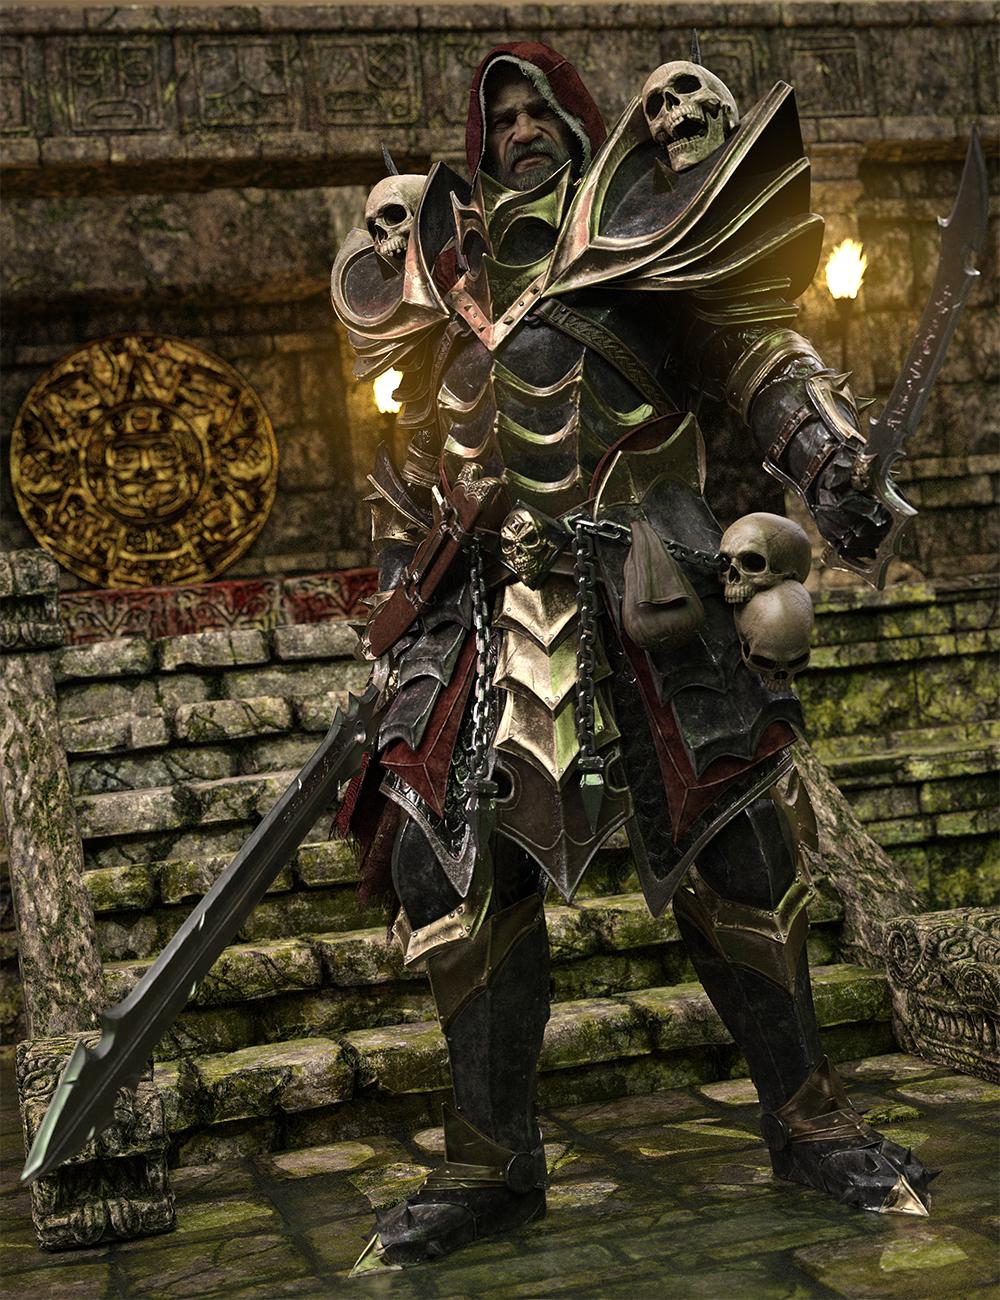 Dark Guard HD Bundle by: Luthbel, 3D Models by Daz 3D